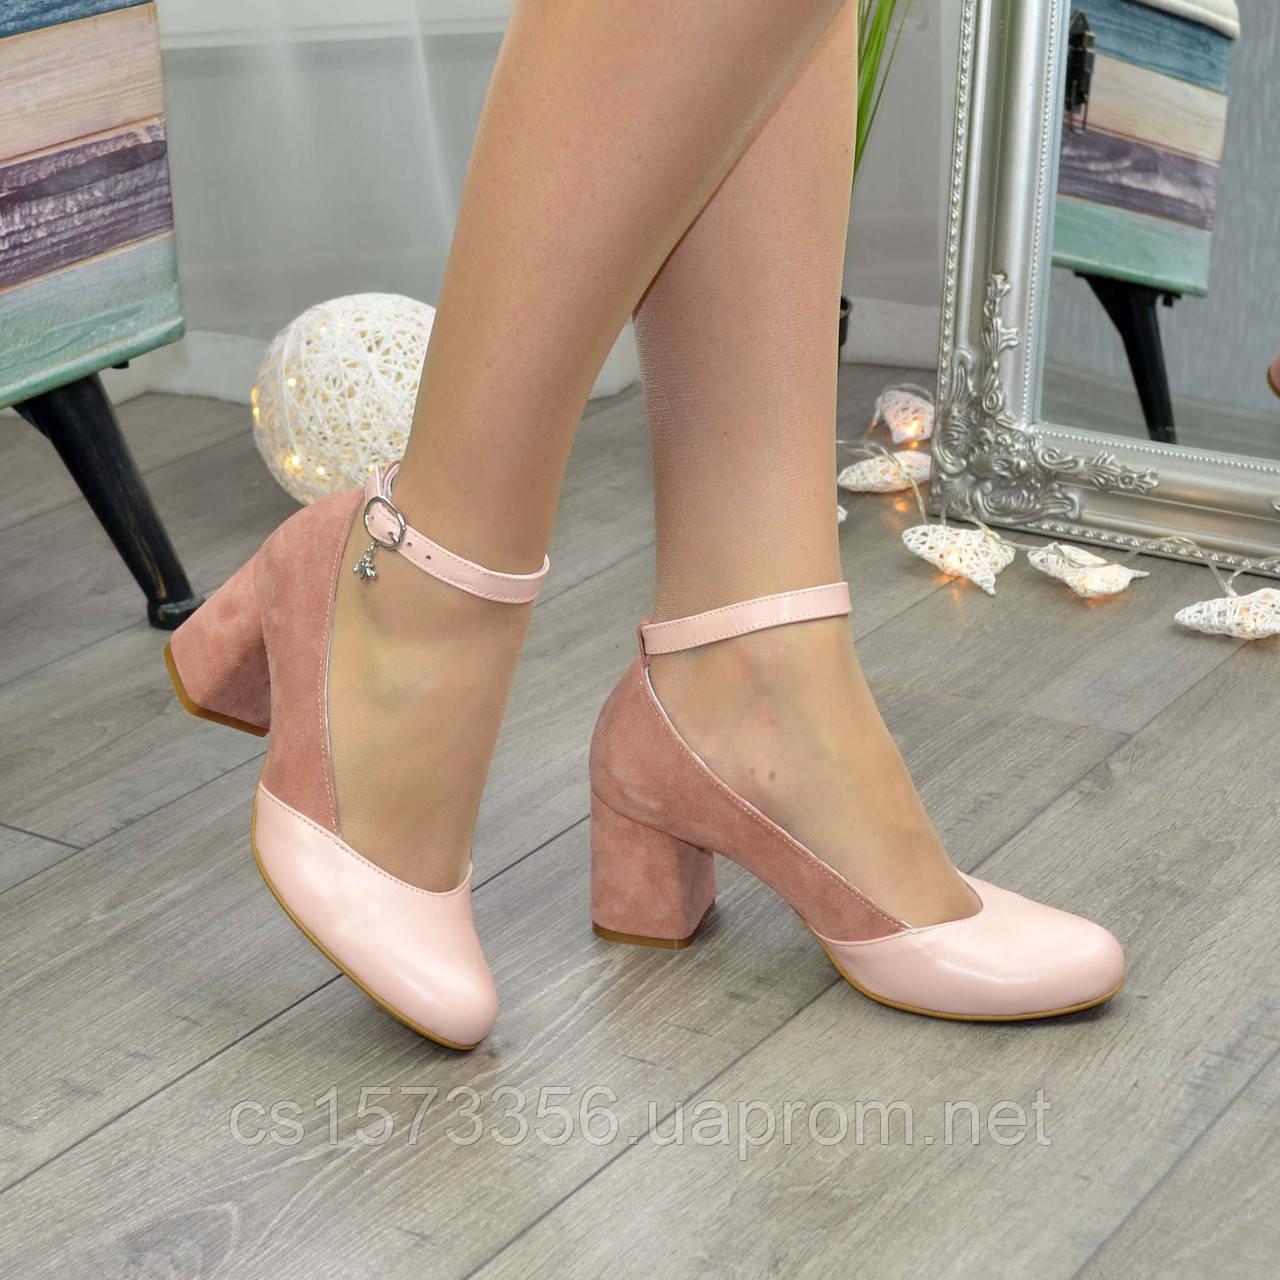 Туфли женские на каблуке, натуральная кожа и замша цвета пудра